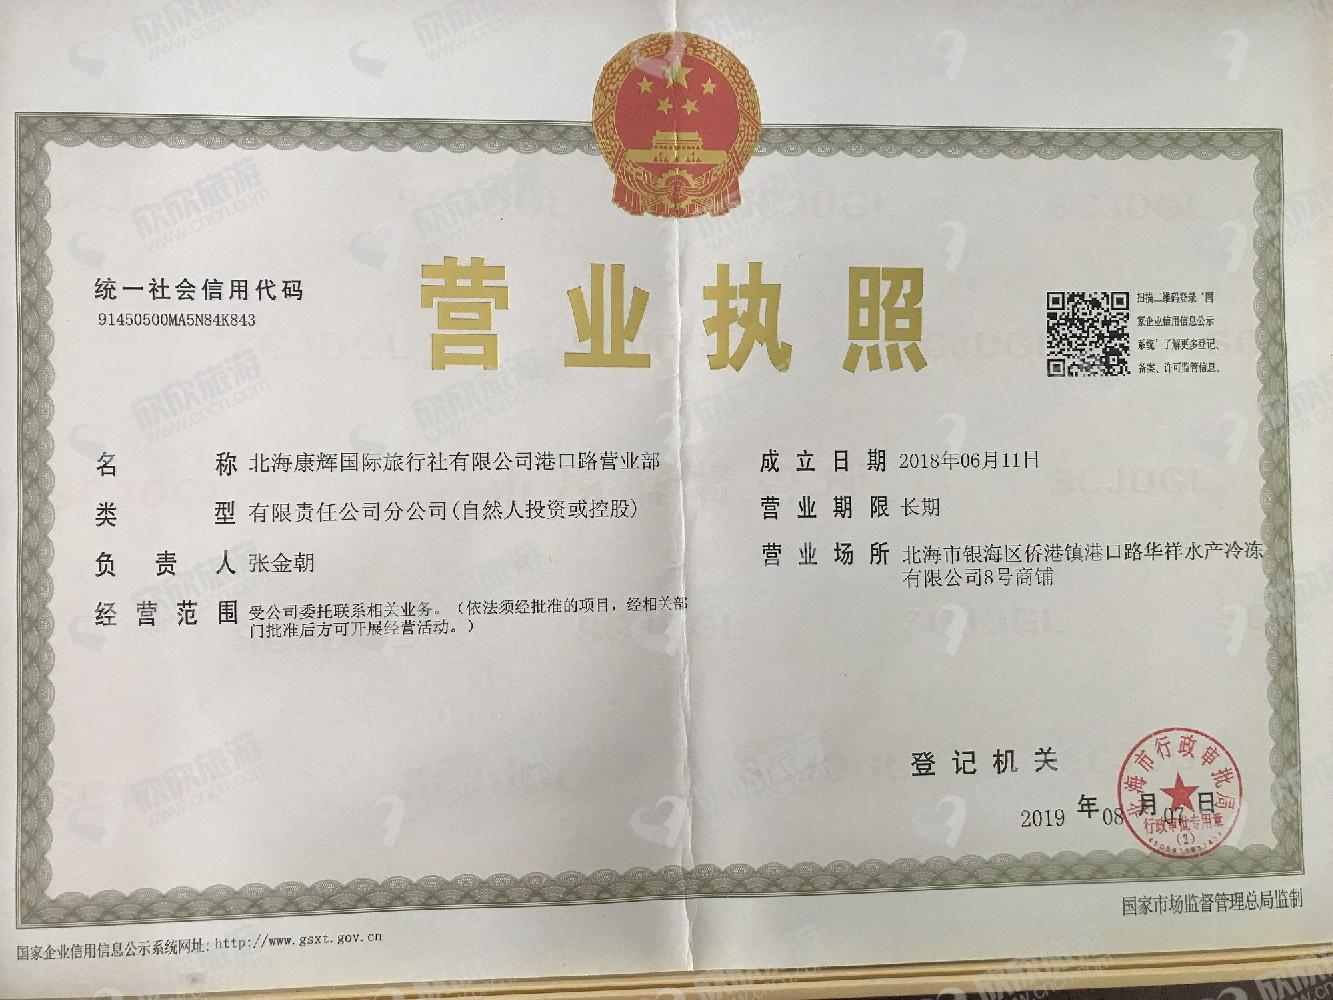 广西商务国际旅行社有限责任公司营业执照